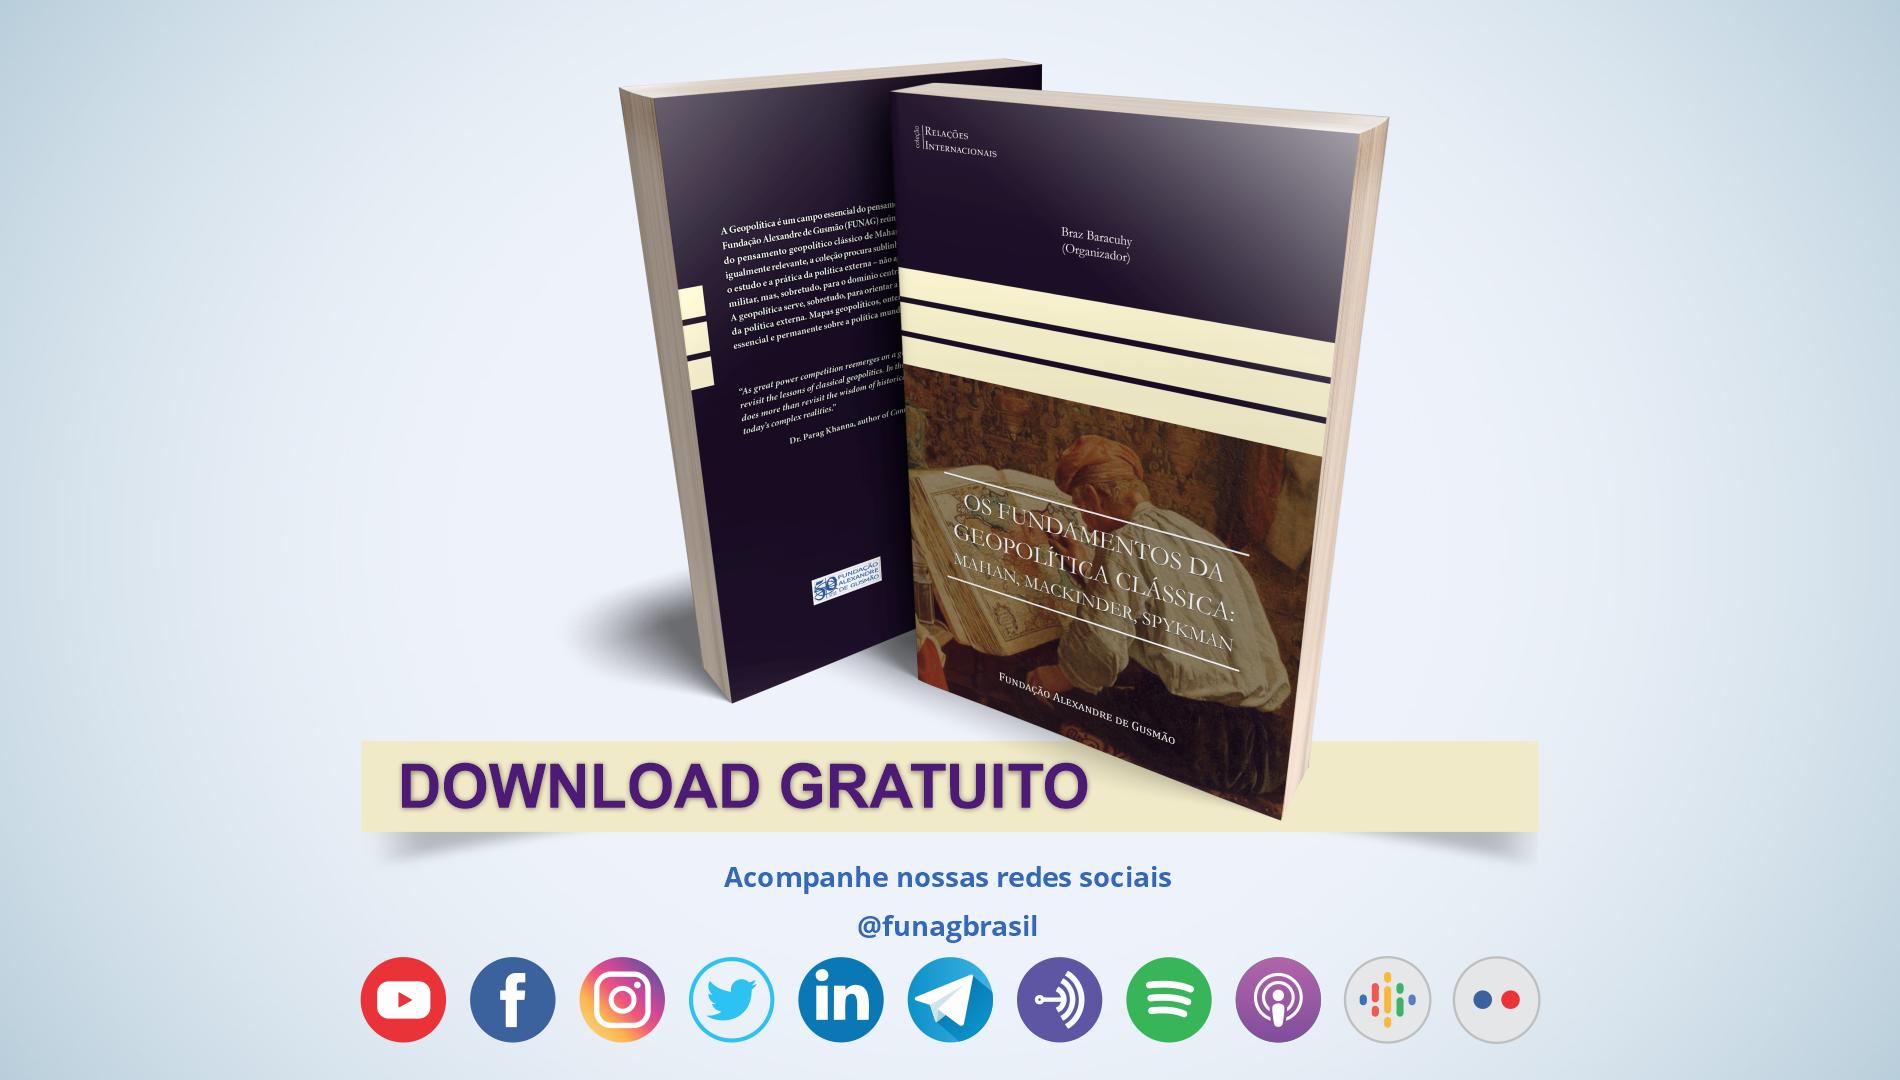 FUNAG lança livro sobre fundamentos da geopolítica clássica